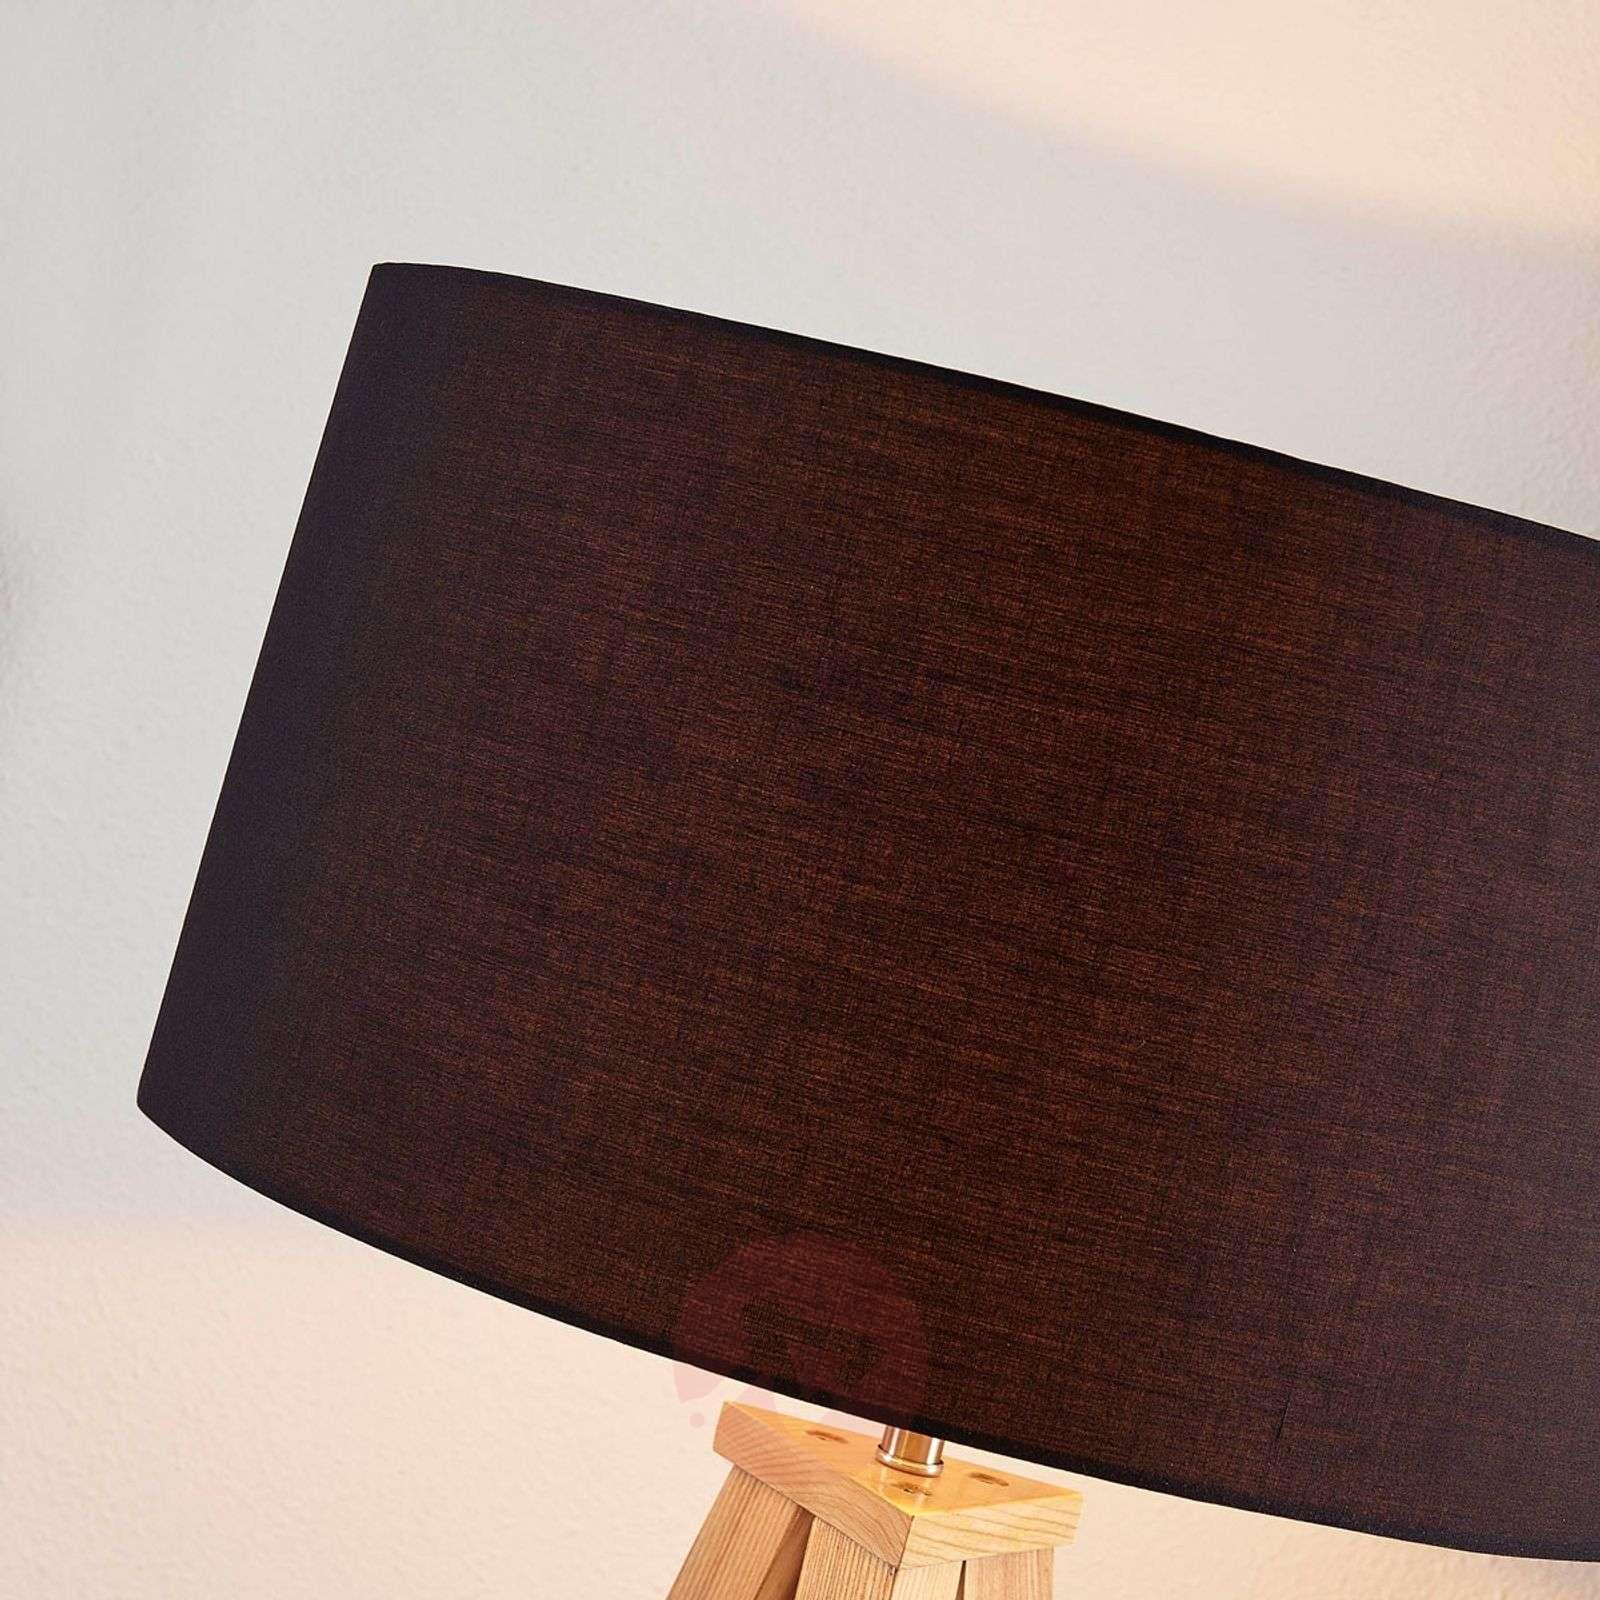 Mya Puu-lattiavalaisin, musta kangasvarjostin-9621330-01